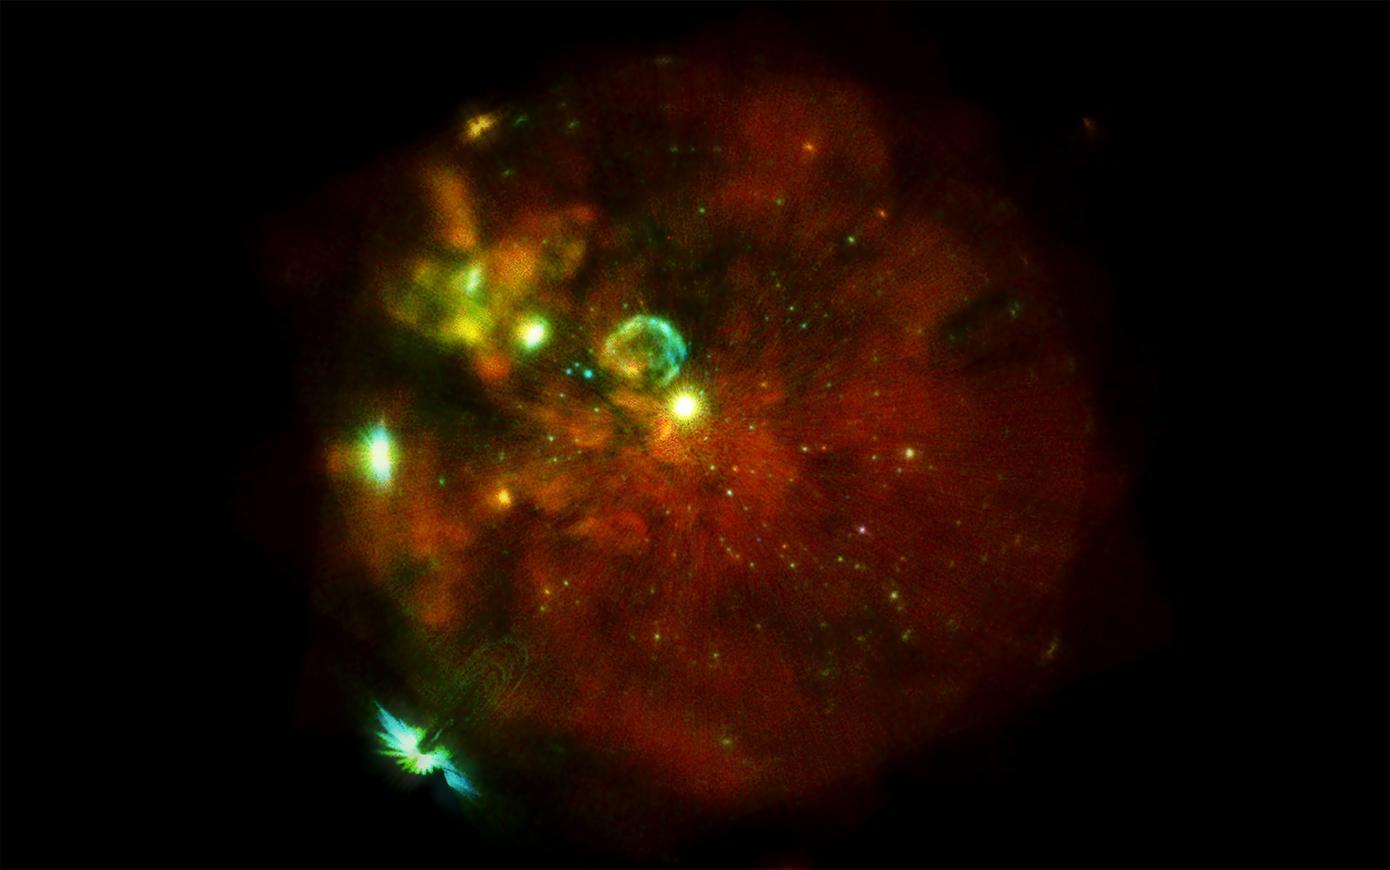 Разгадана тайна огромной космической системы, расположенной недалеко от планеты Земля